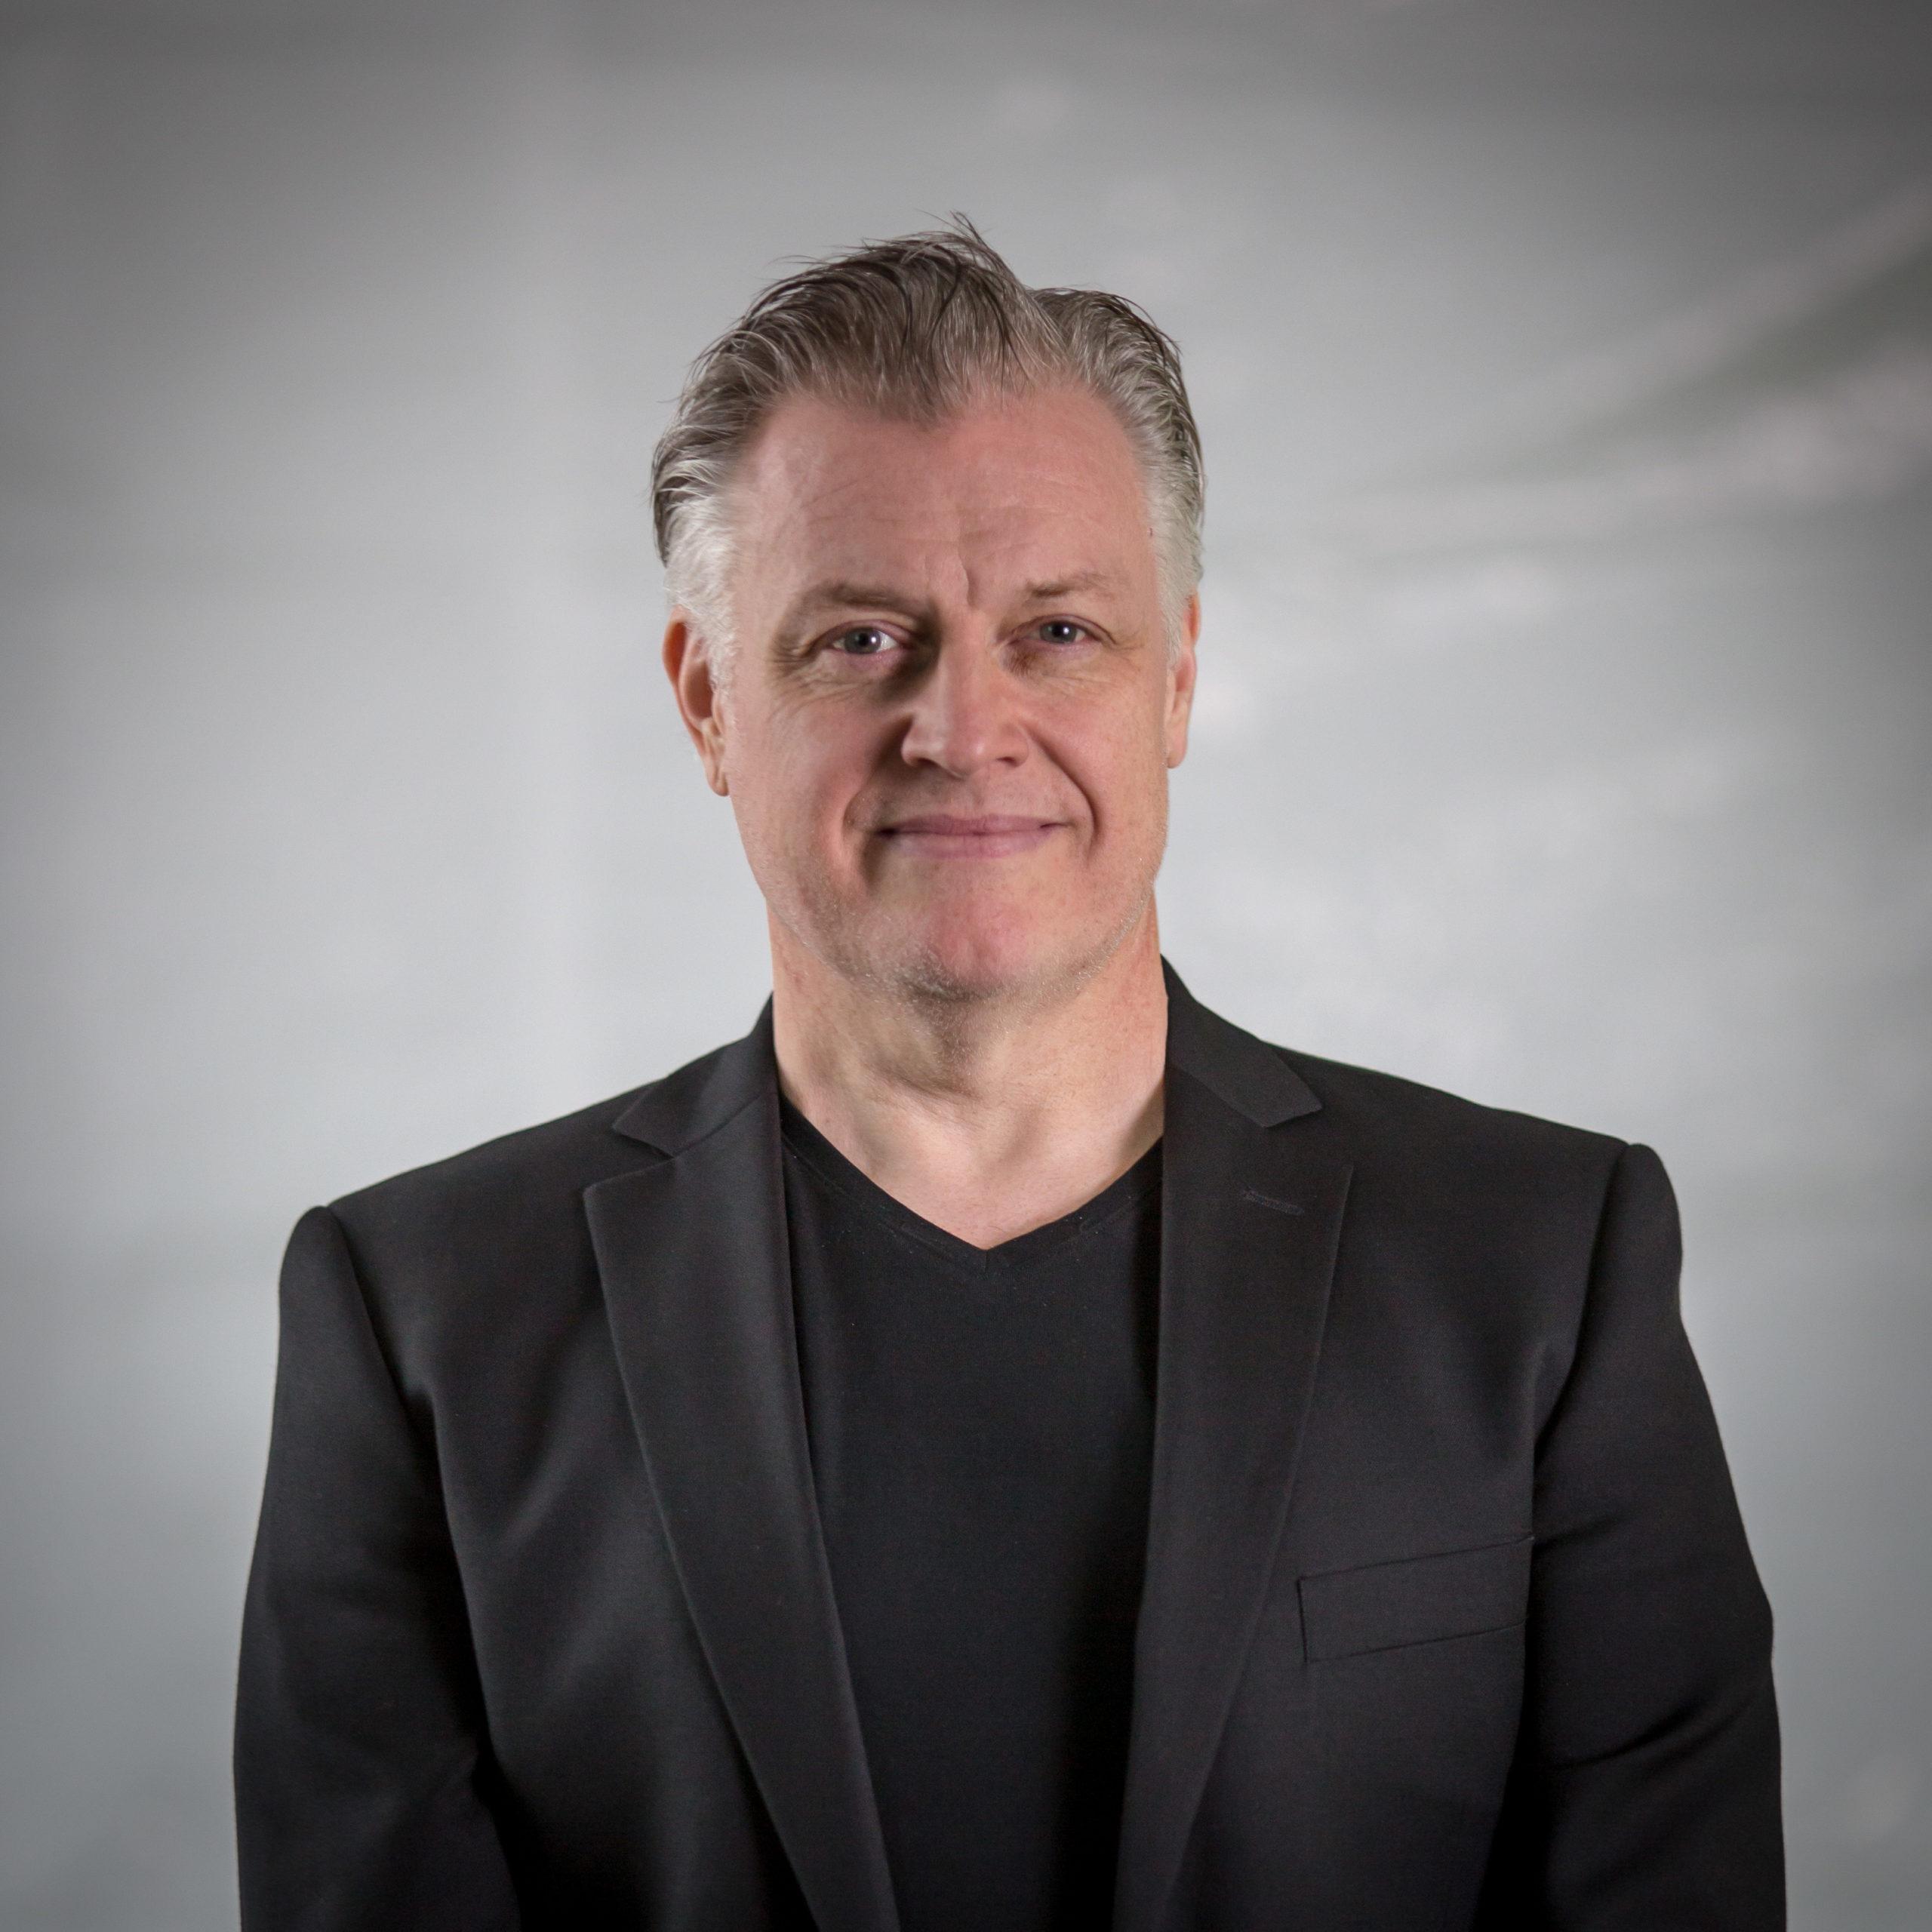 Joakim Ekberg